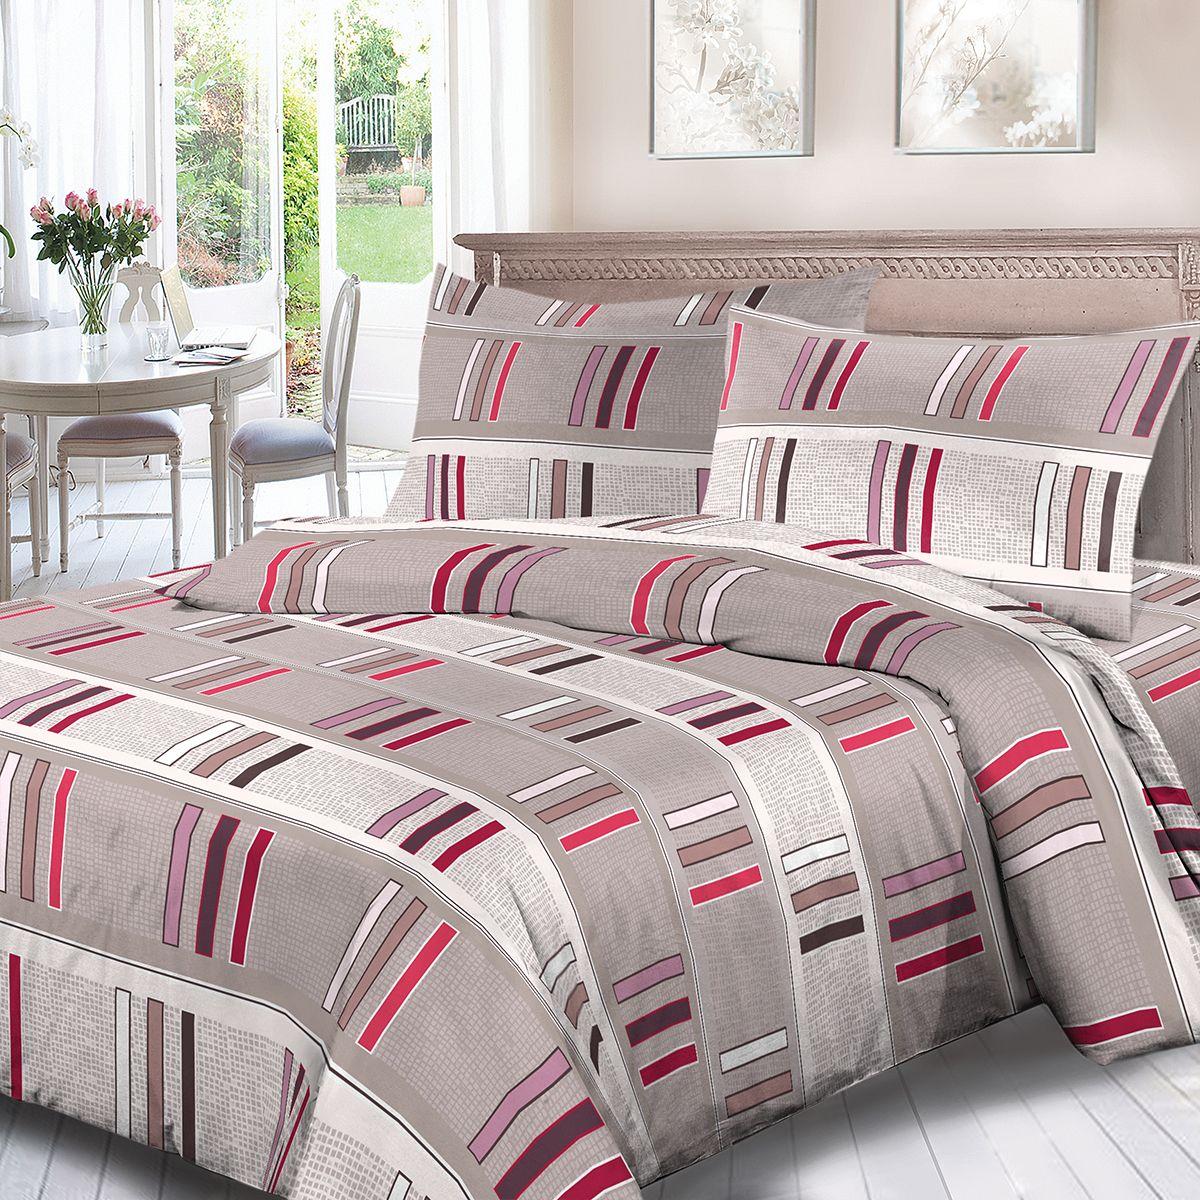 Комплект белья Для Снов Гранд, 1,5 спальное, наволочки 70x70, цвет: серый. 1880-186483